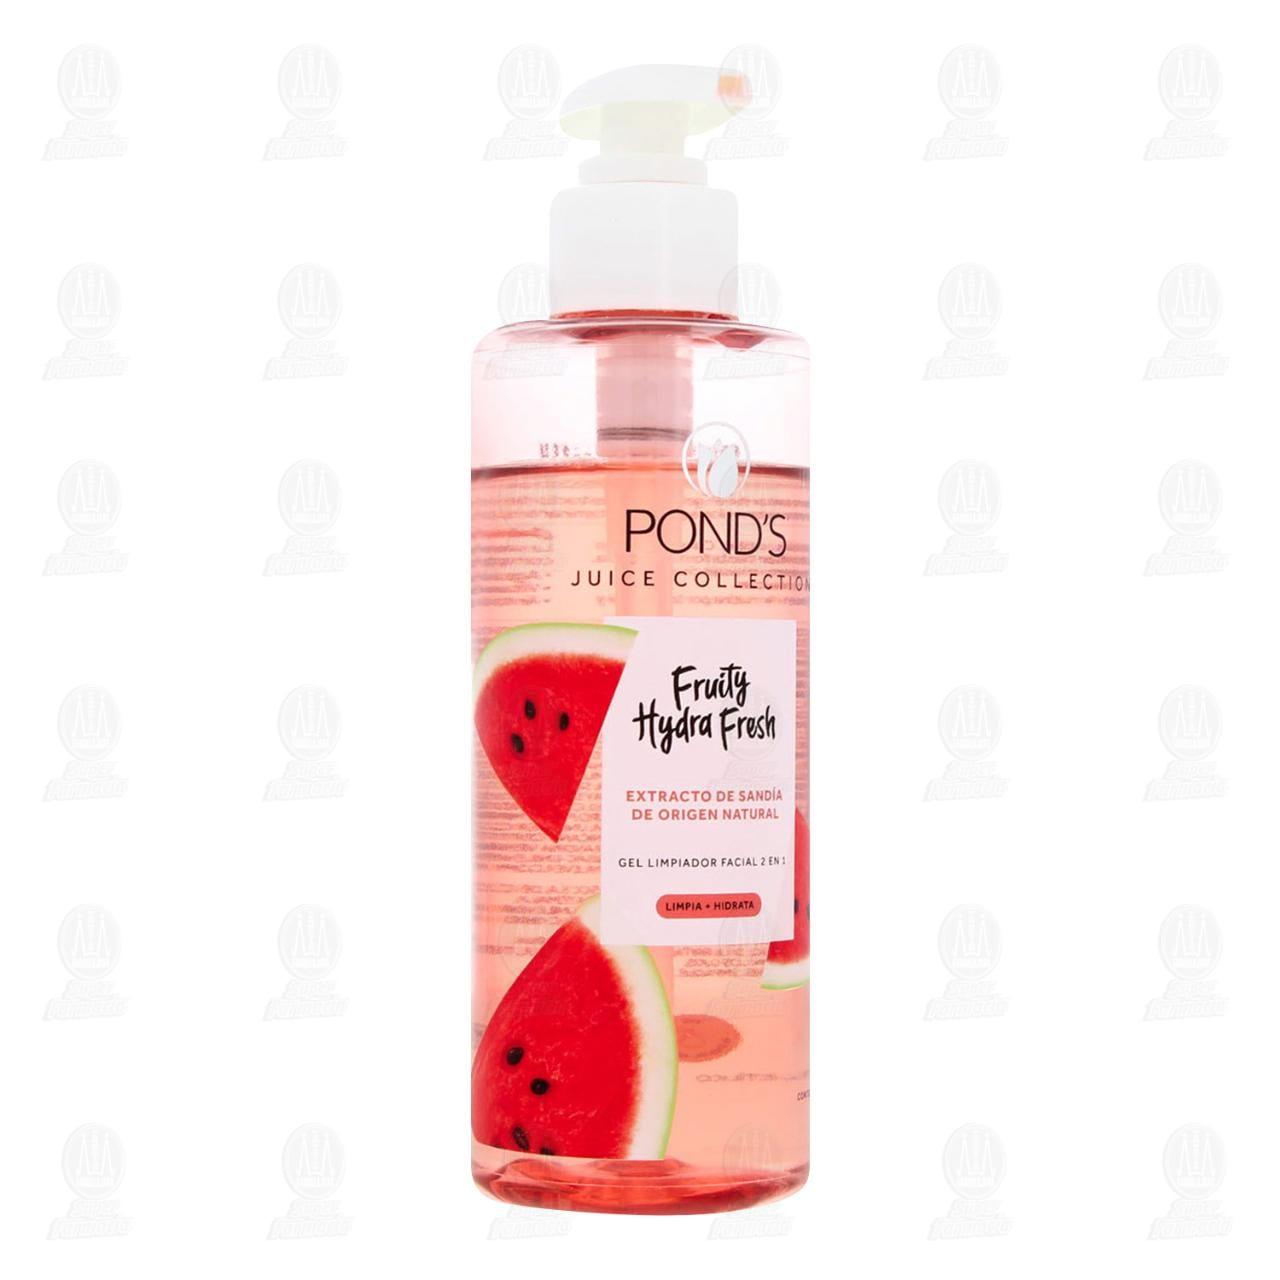 Comprar Gel Limpiador Facial Pond's Fruity Hydra Fresh 2 en 1, 200ml. en Farmacias Guadalajara